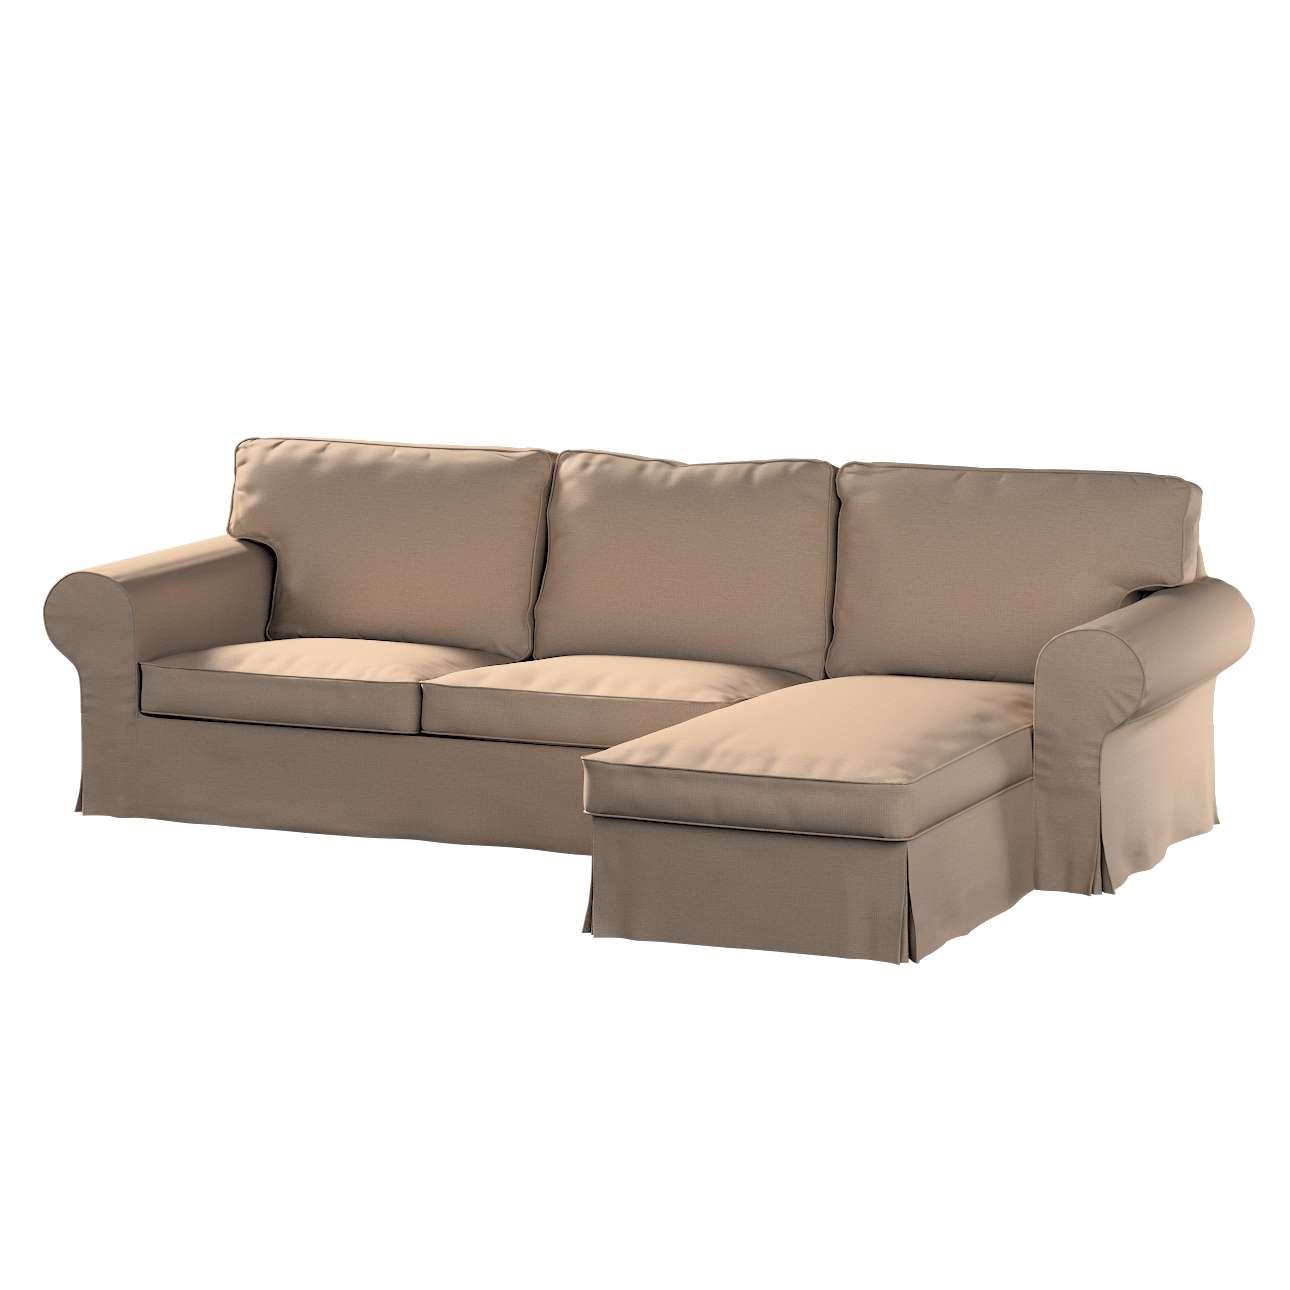 Pokrowiec na sofę Ektorp 2-osobową i leżankę w kolekcji Bergen, tkanina: 161-75